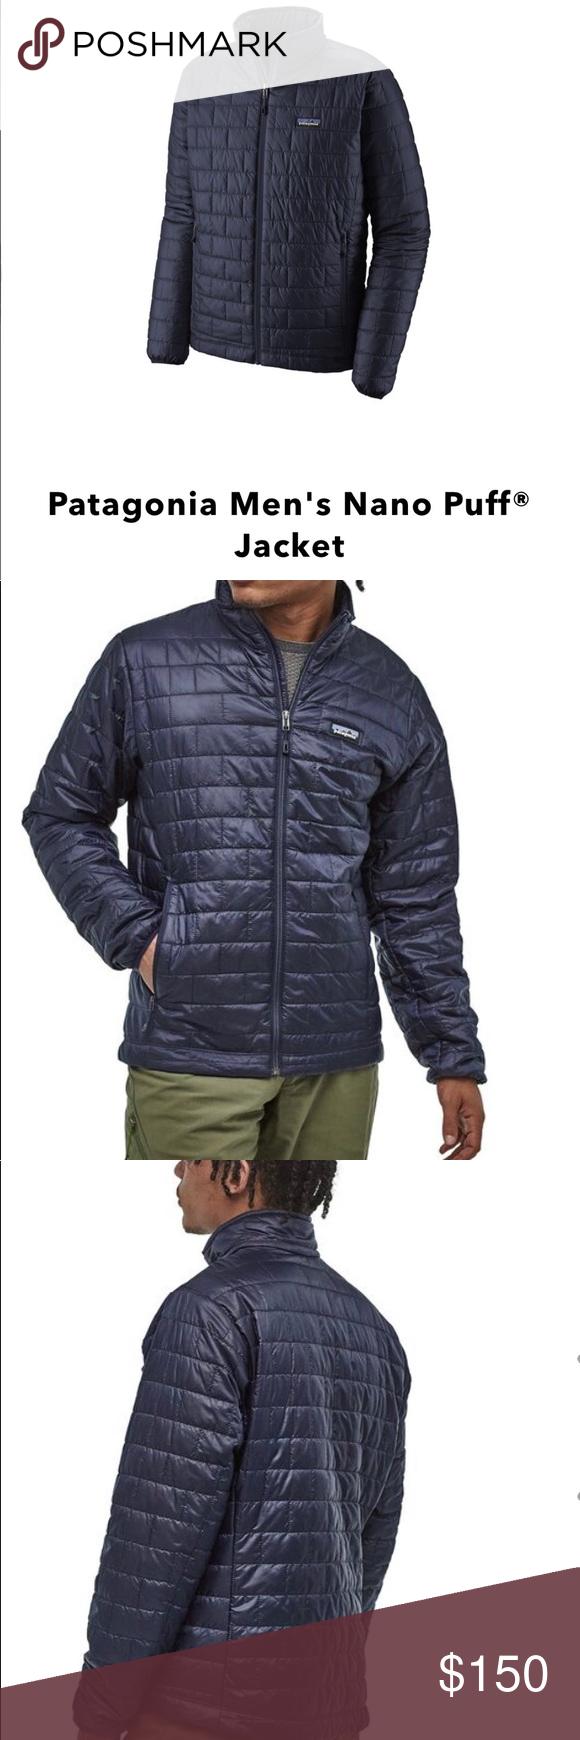 Patagonia Men S Nano Puff Jacket Jackets Patagonia Mens Patagonia Jacket [ 1740 x 580 Pixel ]